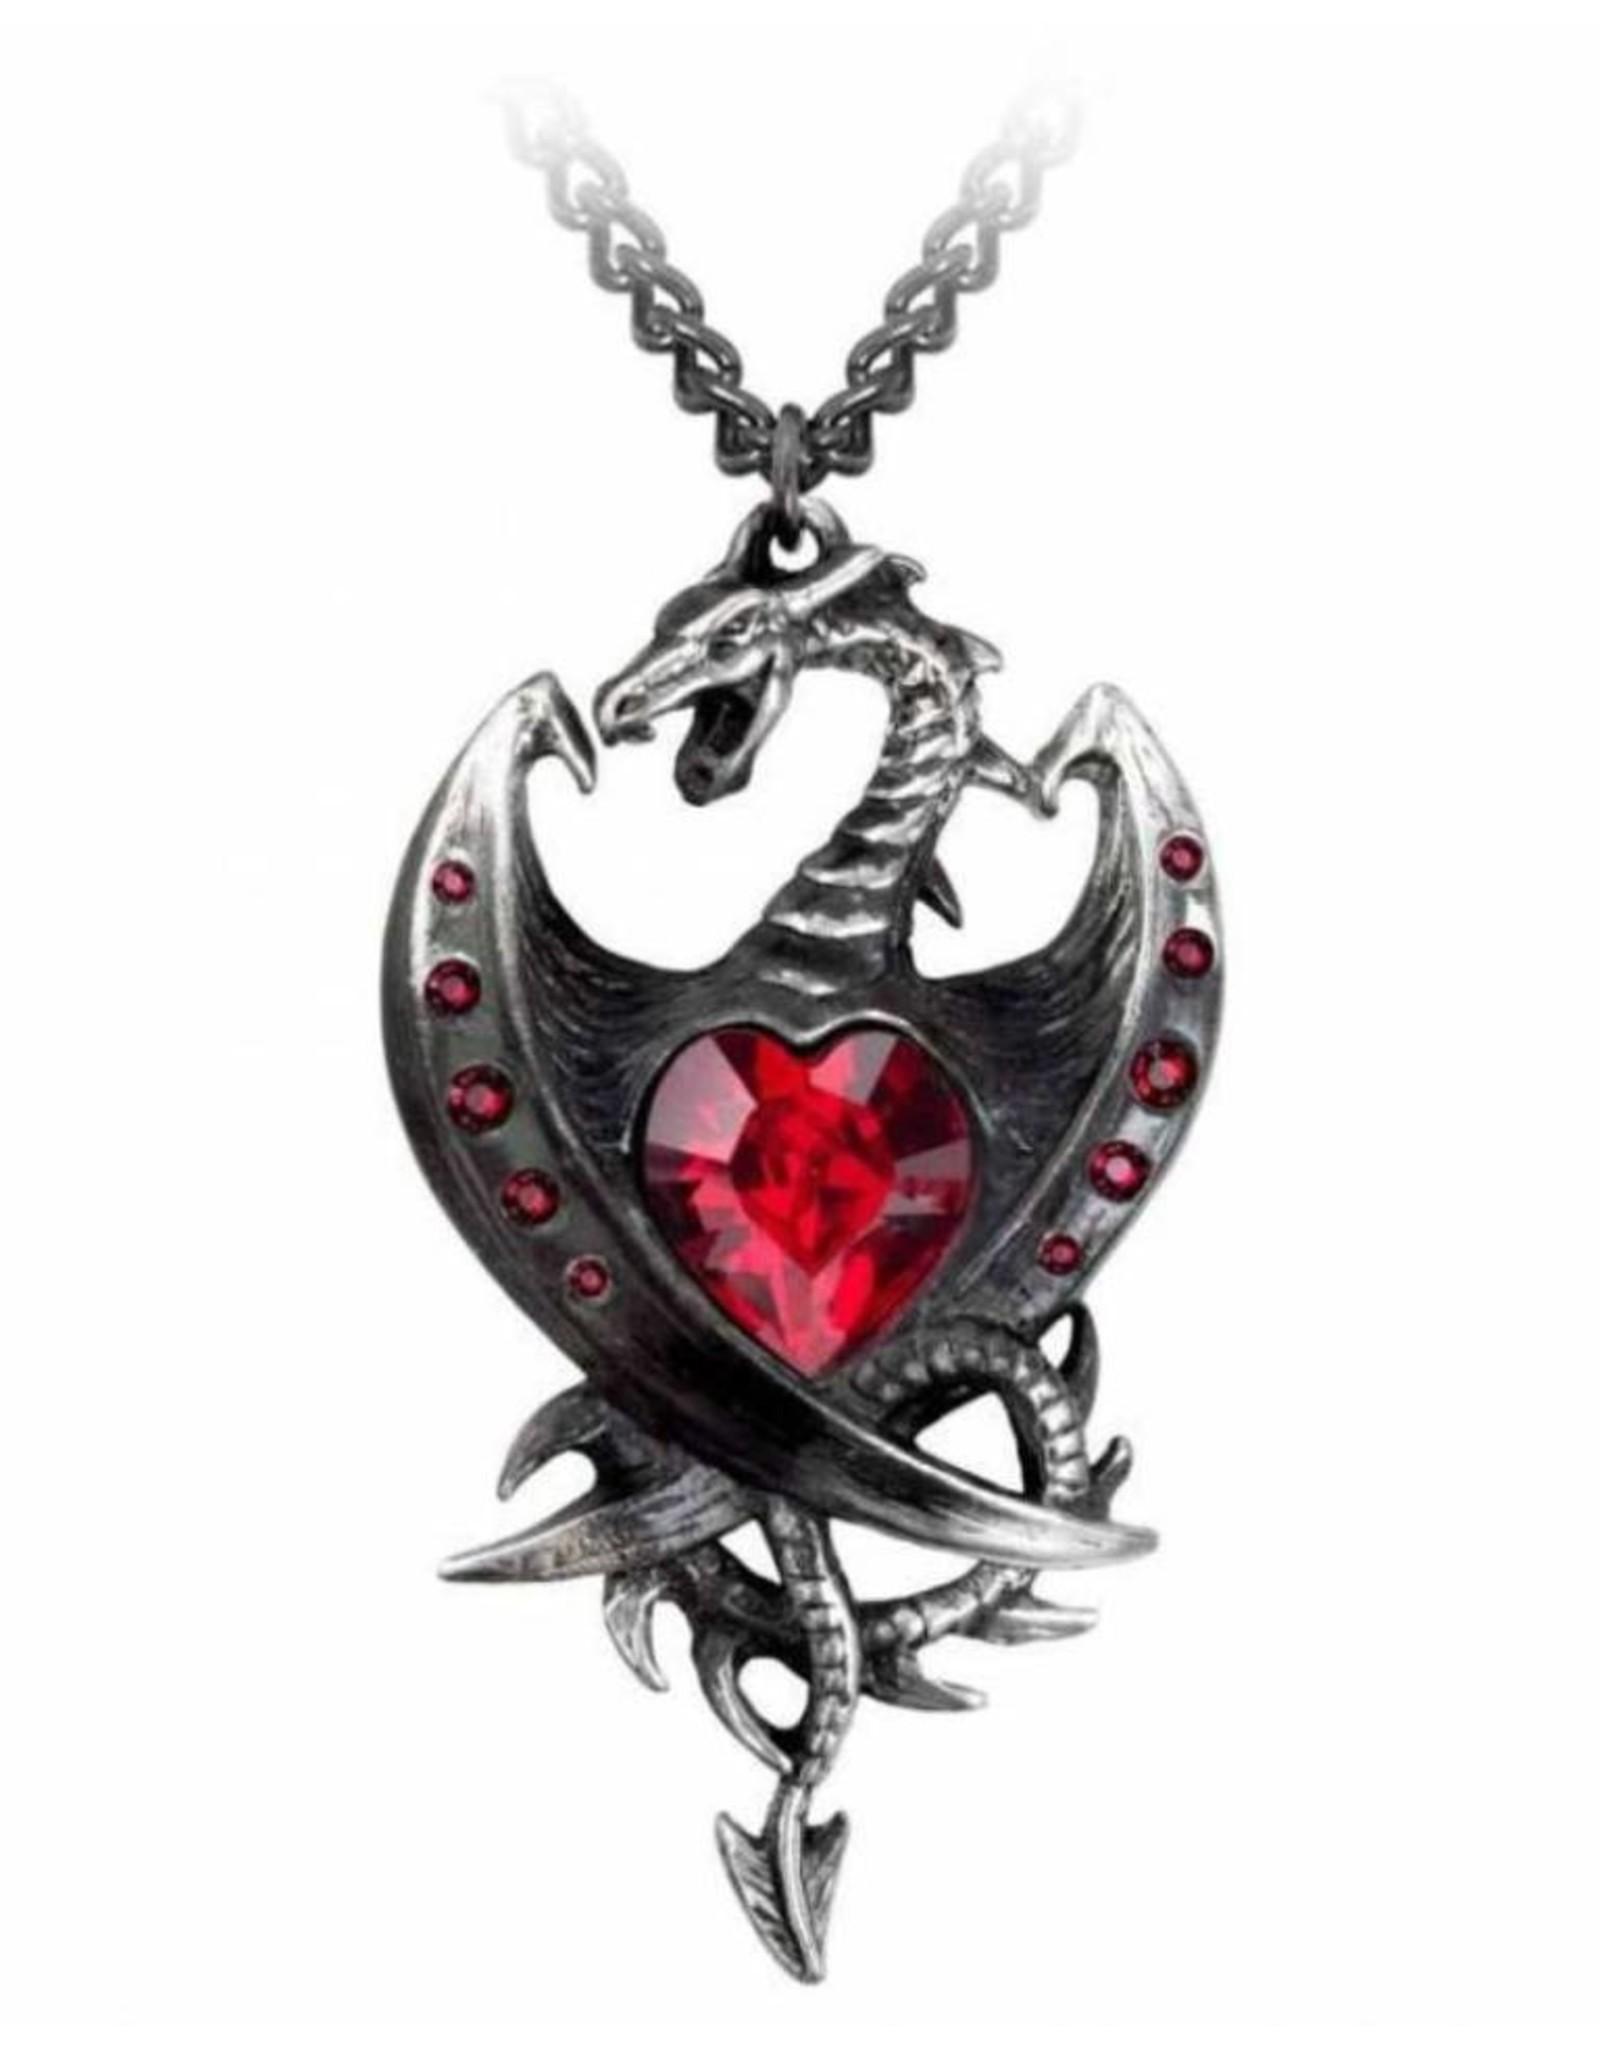 Alchemy Gothic sieraden Steampunk sieraden - Draak ketting Diamond Heart - Alchemy